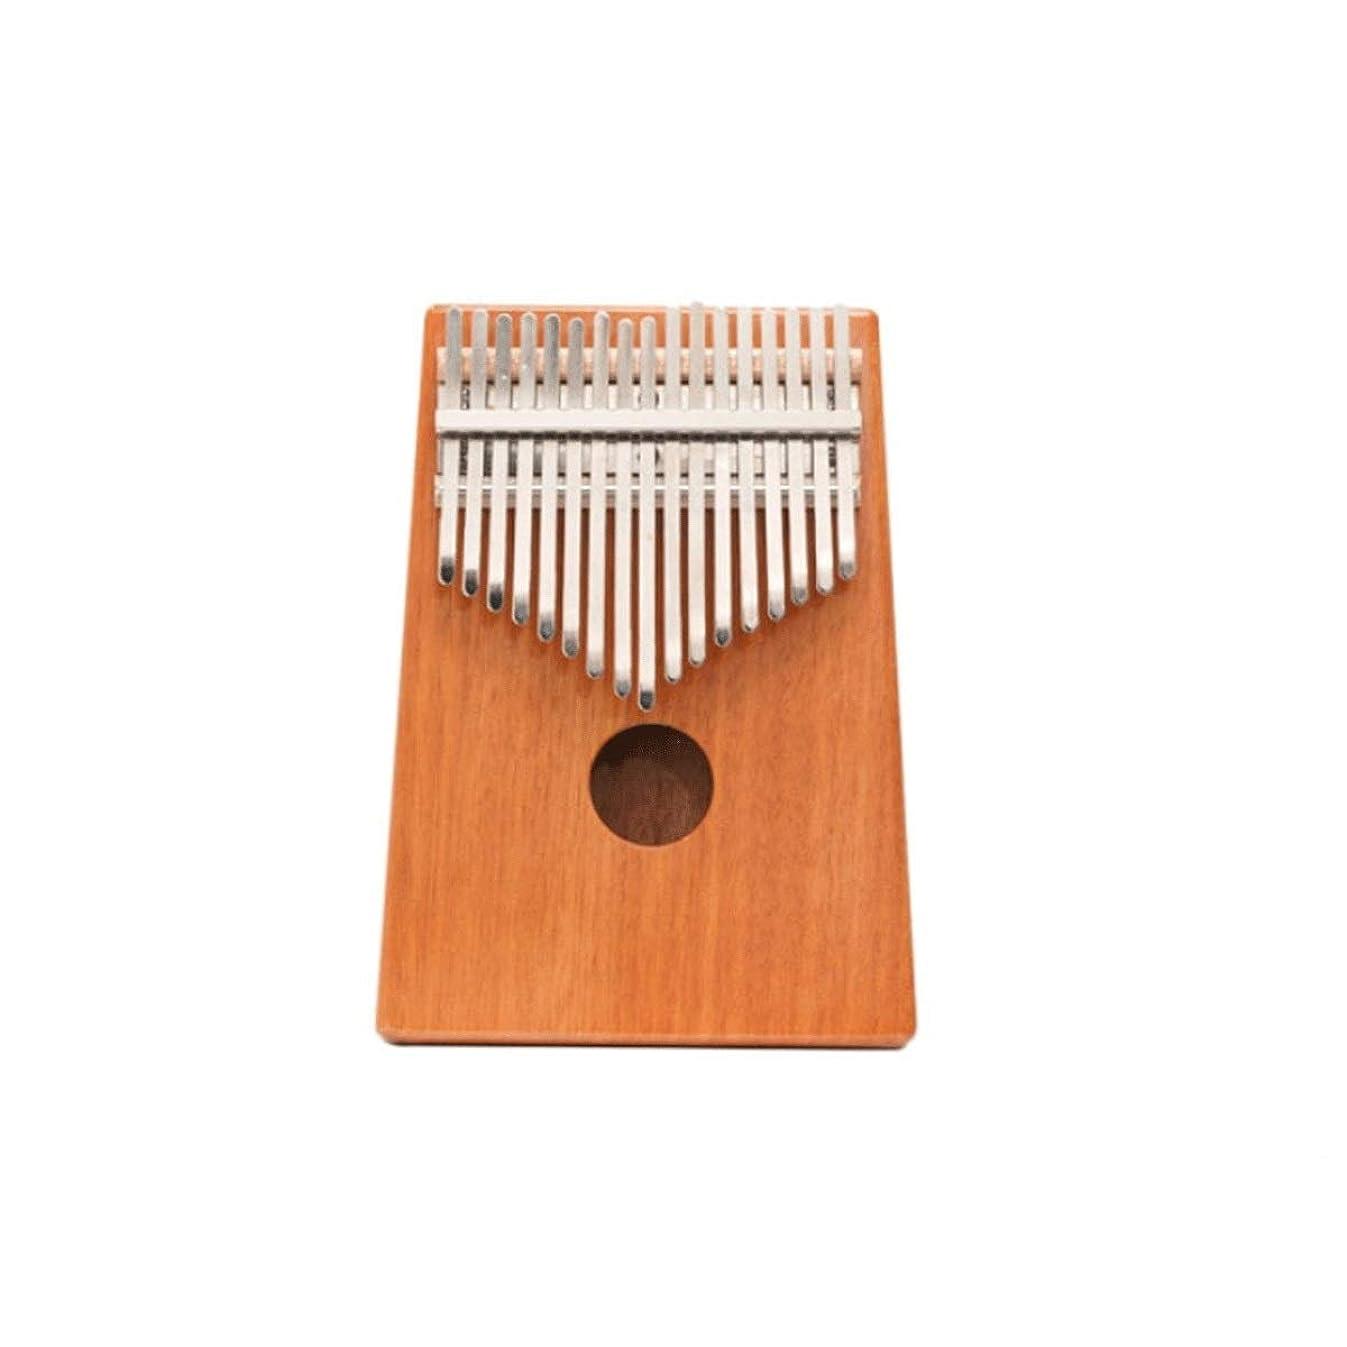 考慮献身ゲストSHENGSHIHUIZHONG Kalimba、17トーン親指ピアノ、ポータブル親指ピアノ、子供/大人/初心者/専門家が普遍的な携帯用楽器を学ぶのに適している、(3色利用可能) (Color : A)